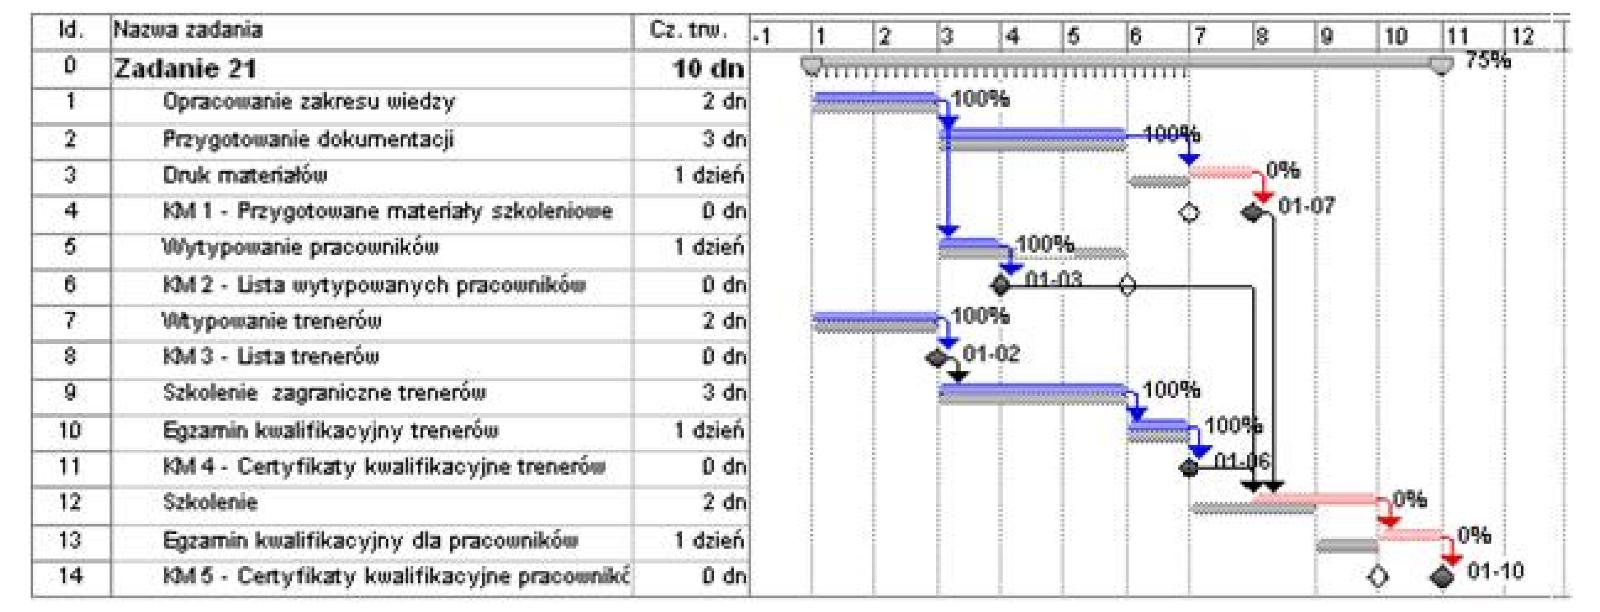 64 etapy realizacji przedsiwzicia przedsibiorczo w praktyce wykres gantta ccuart Choice Image